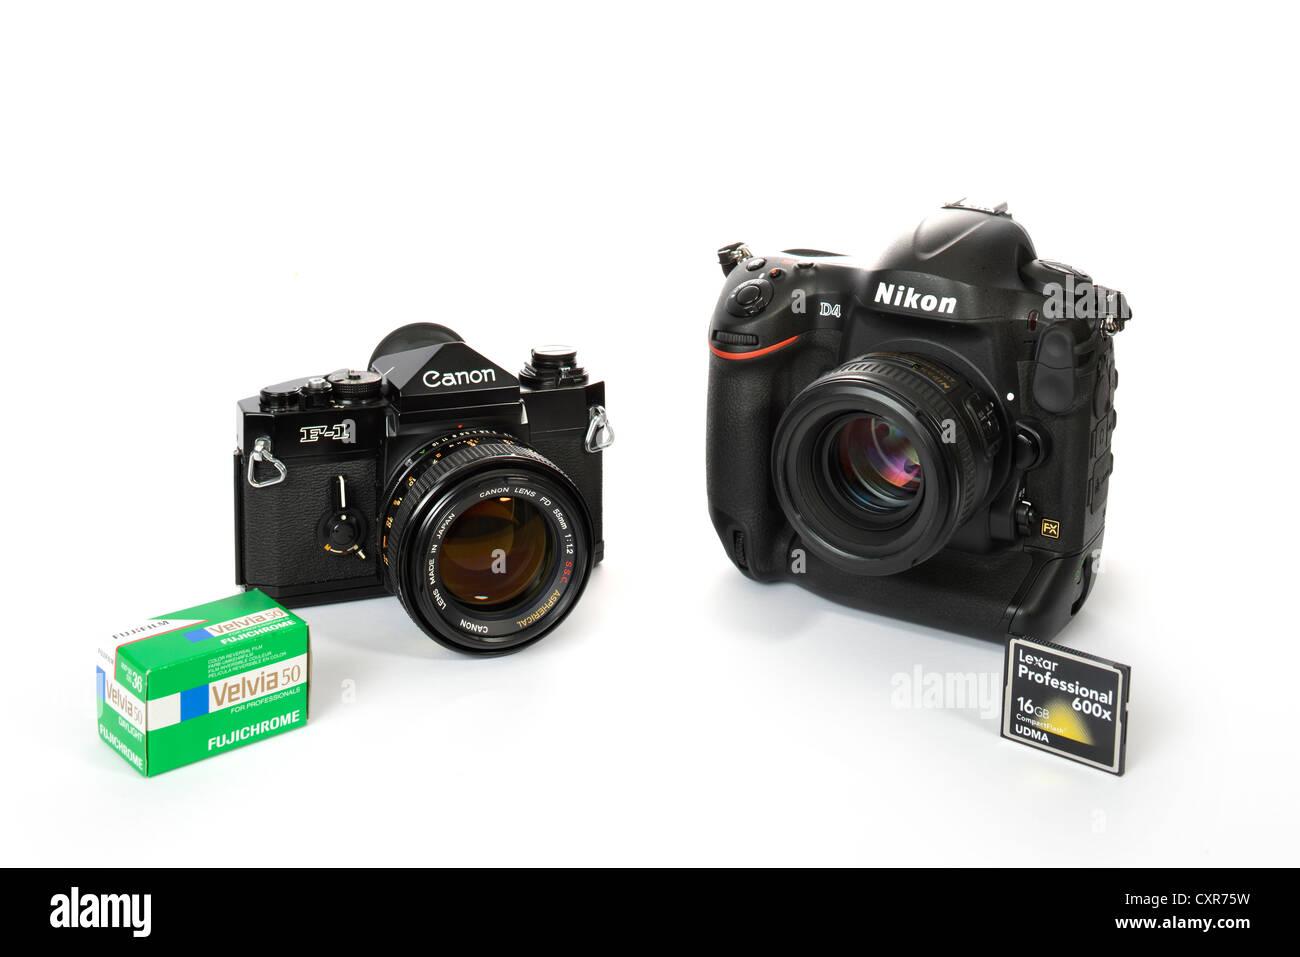 Slr Cameras Stock Photos & Slr Cameras Stock Images - Alamy